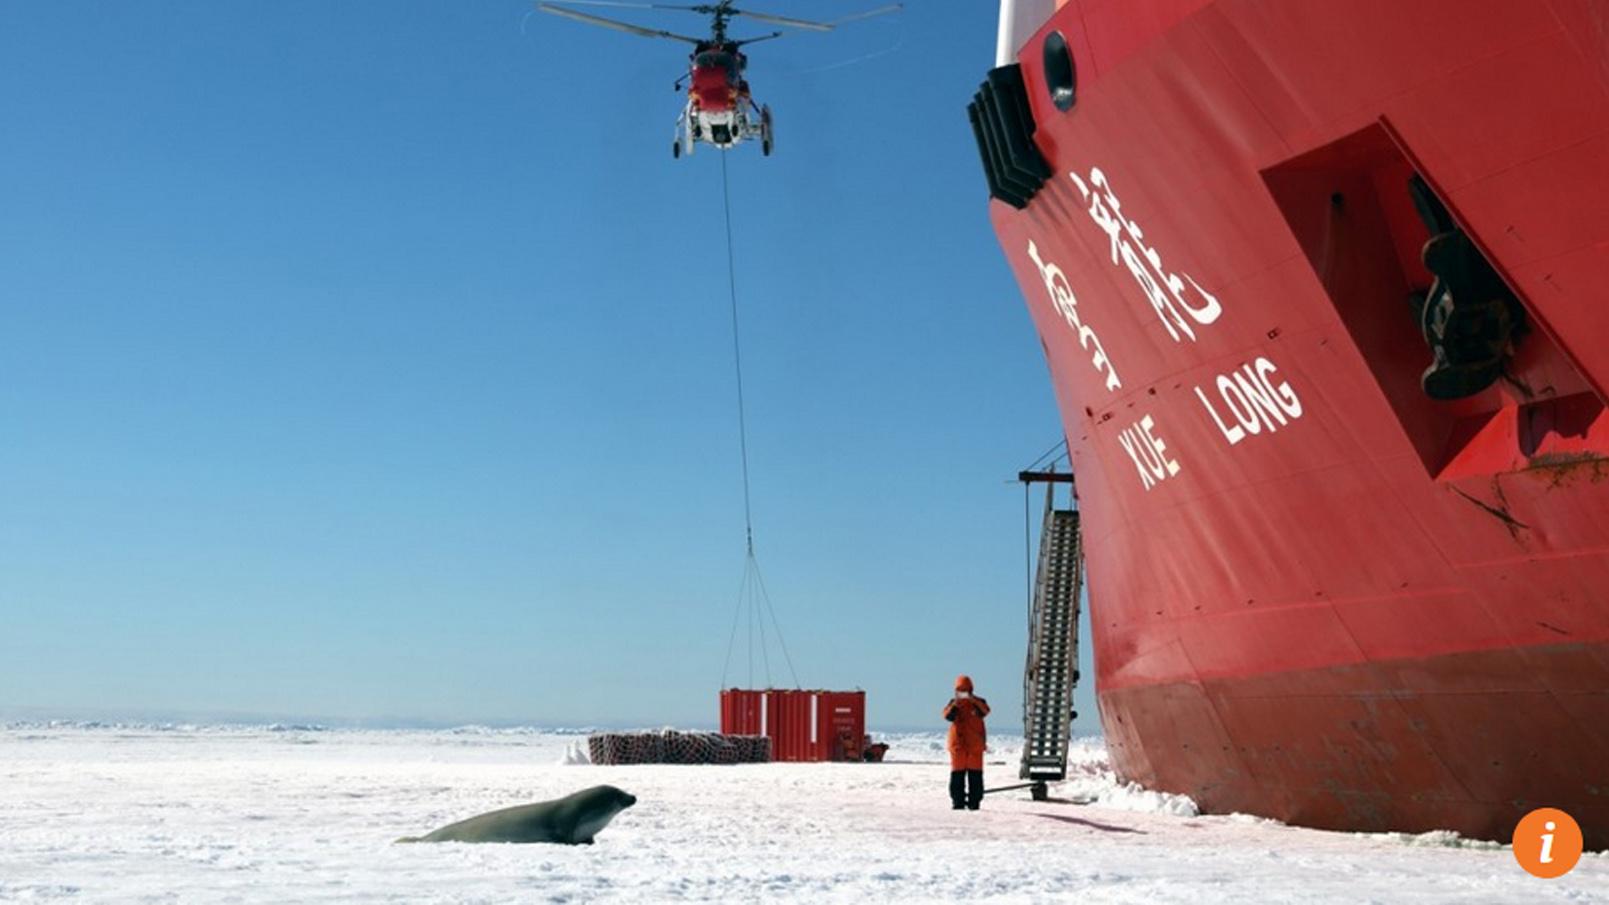 Trung Cộng công bố tham vọng mới trong bạch thư về chính sách ở Bắc Cực